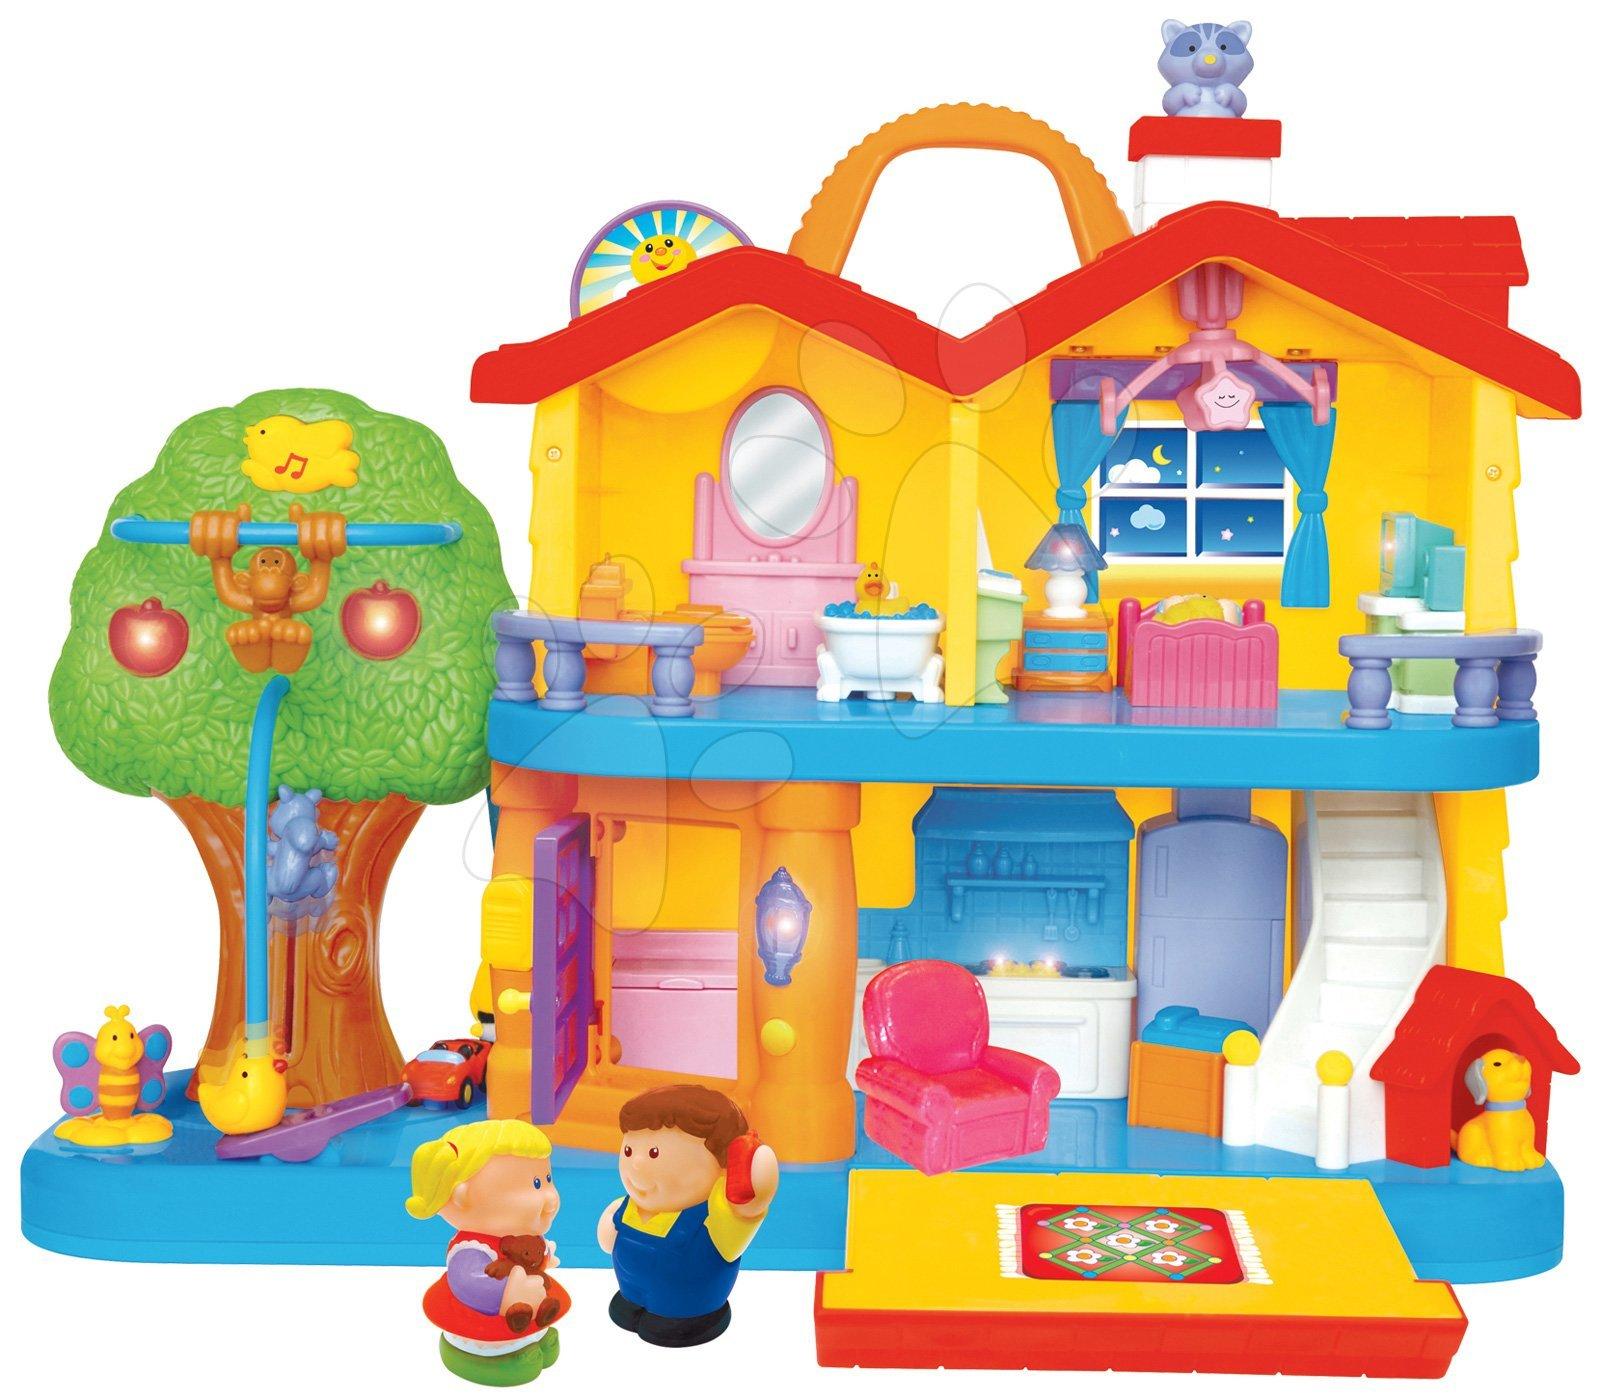 Hračky zvukové - Hrací dům Activity Sweet home Kiddieland s hlasy a melodiemi od 12 měsíců